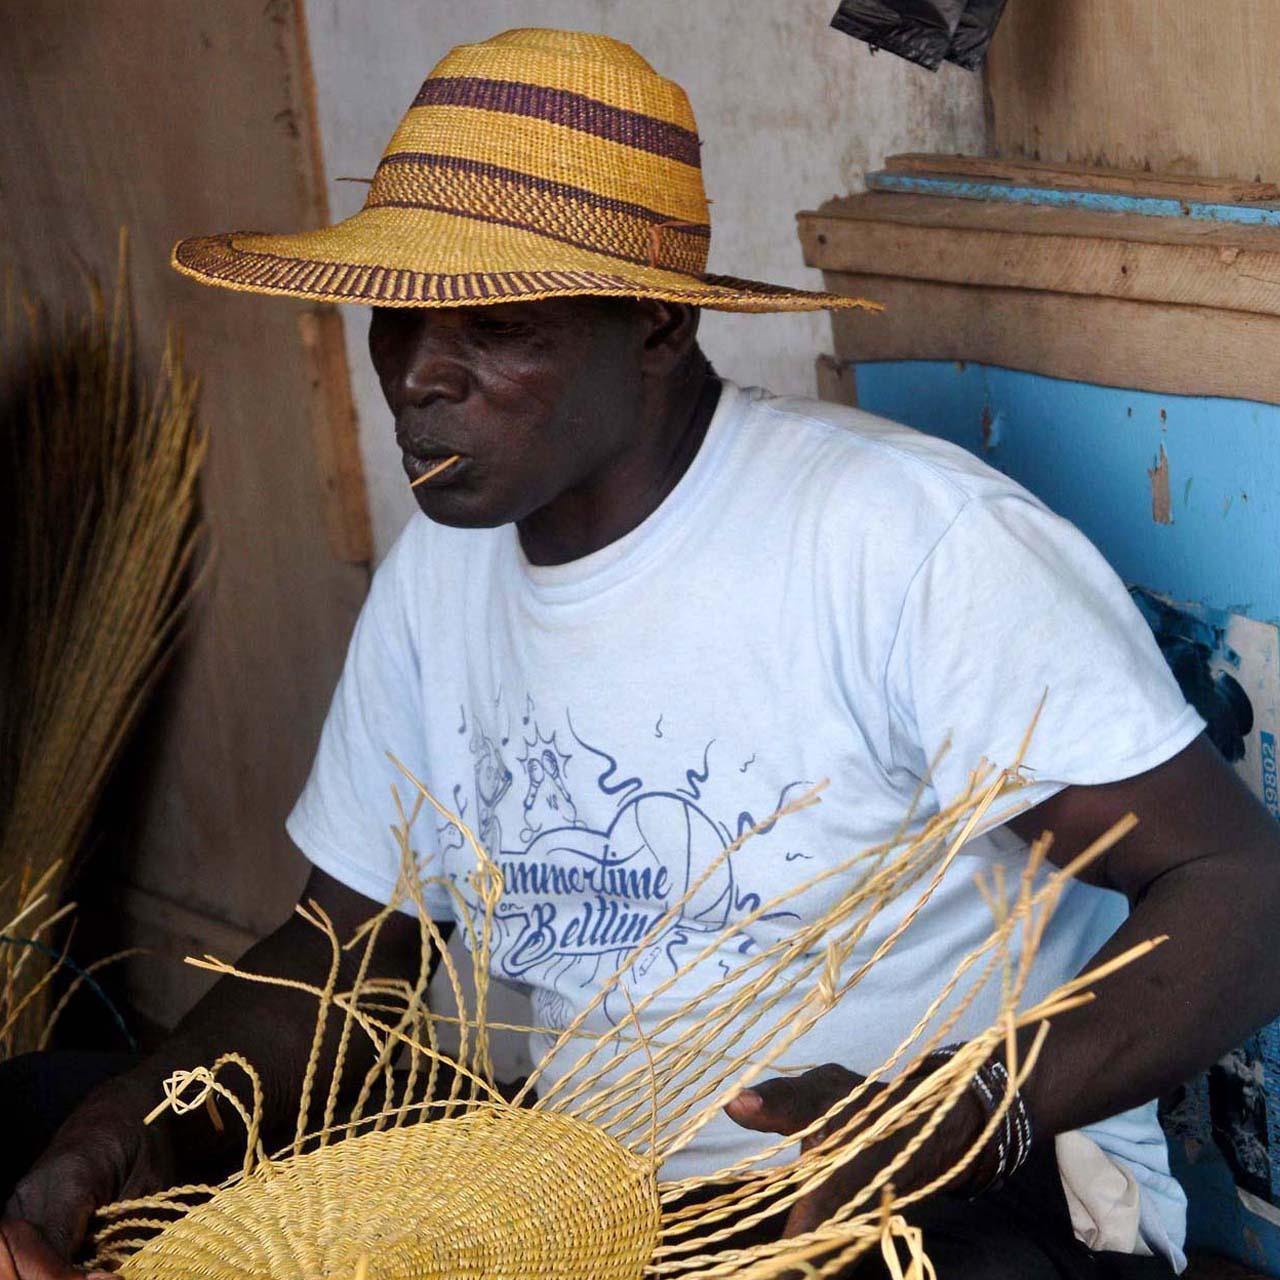 Weaving, Ghana